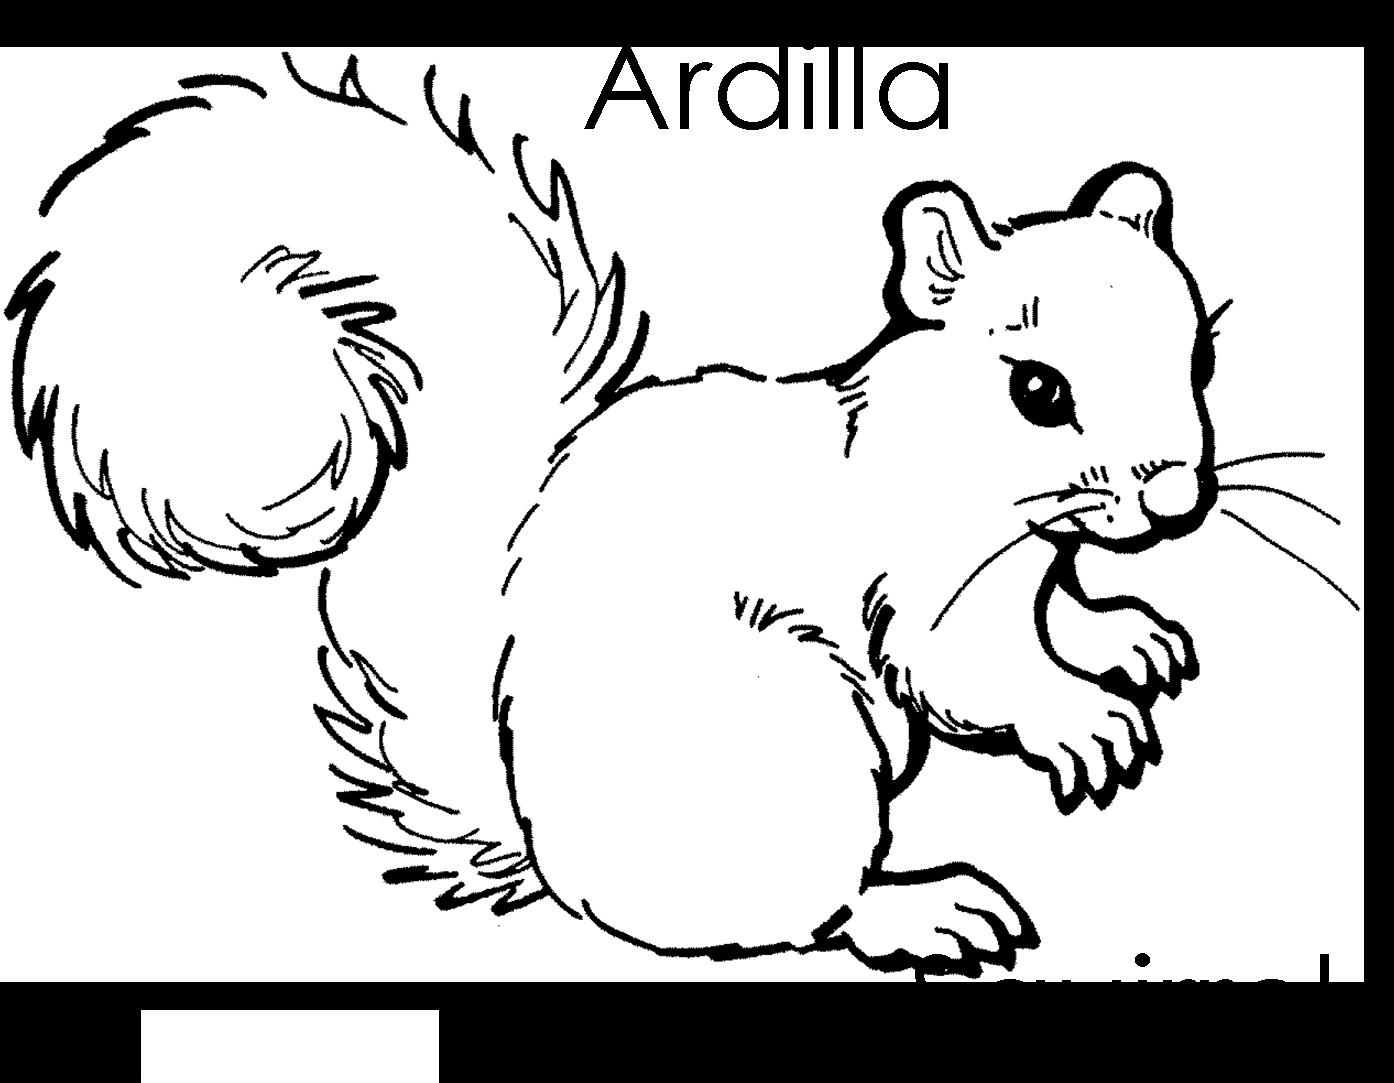 Dibujos De Animales Del Bosque Para Colorear: Imagenes Para Dibujar En Ingles Y Español: Animales Del